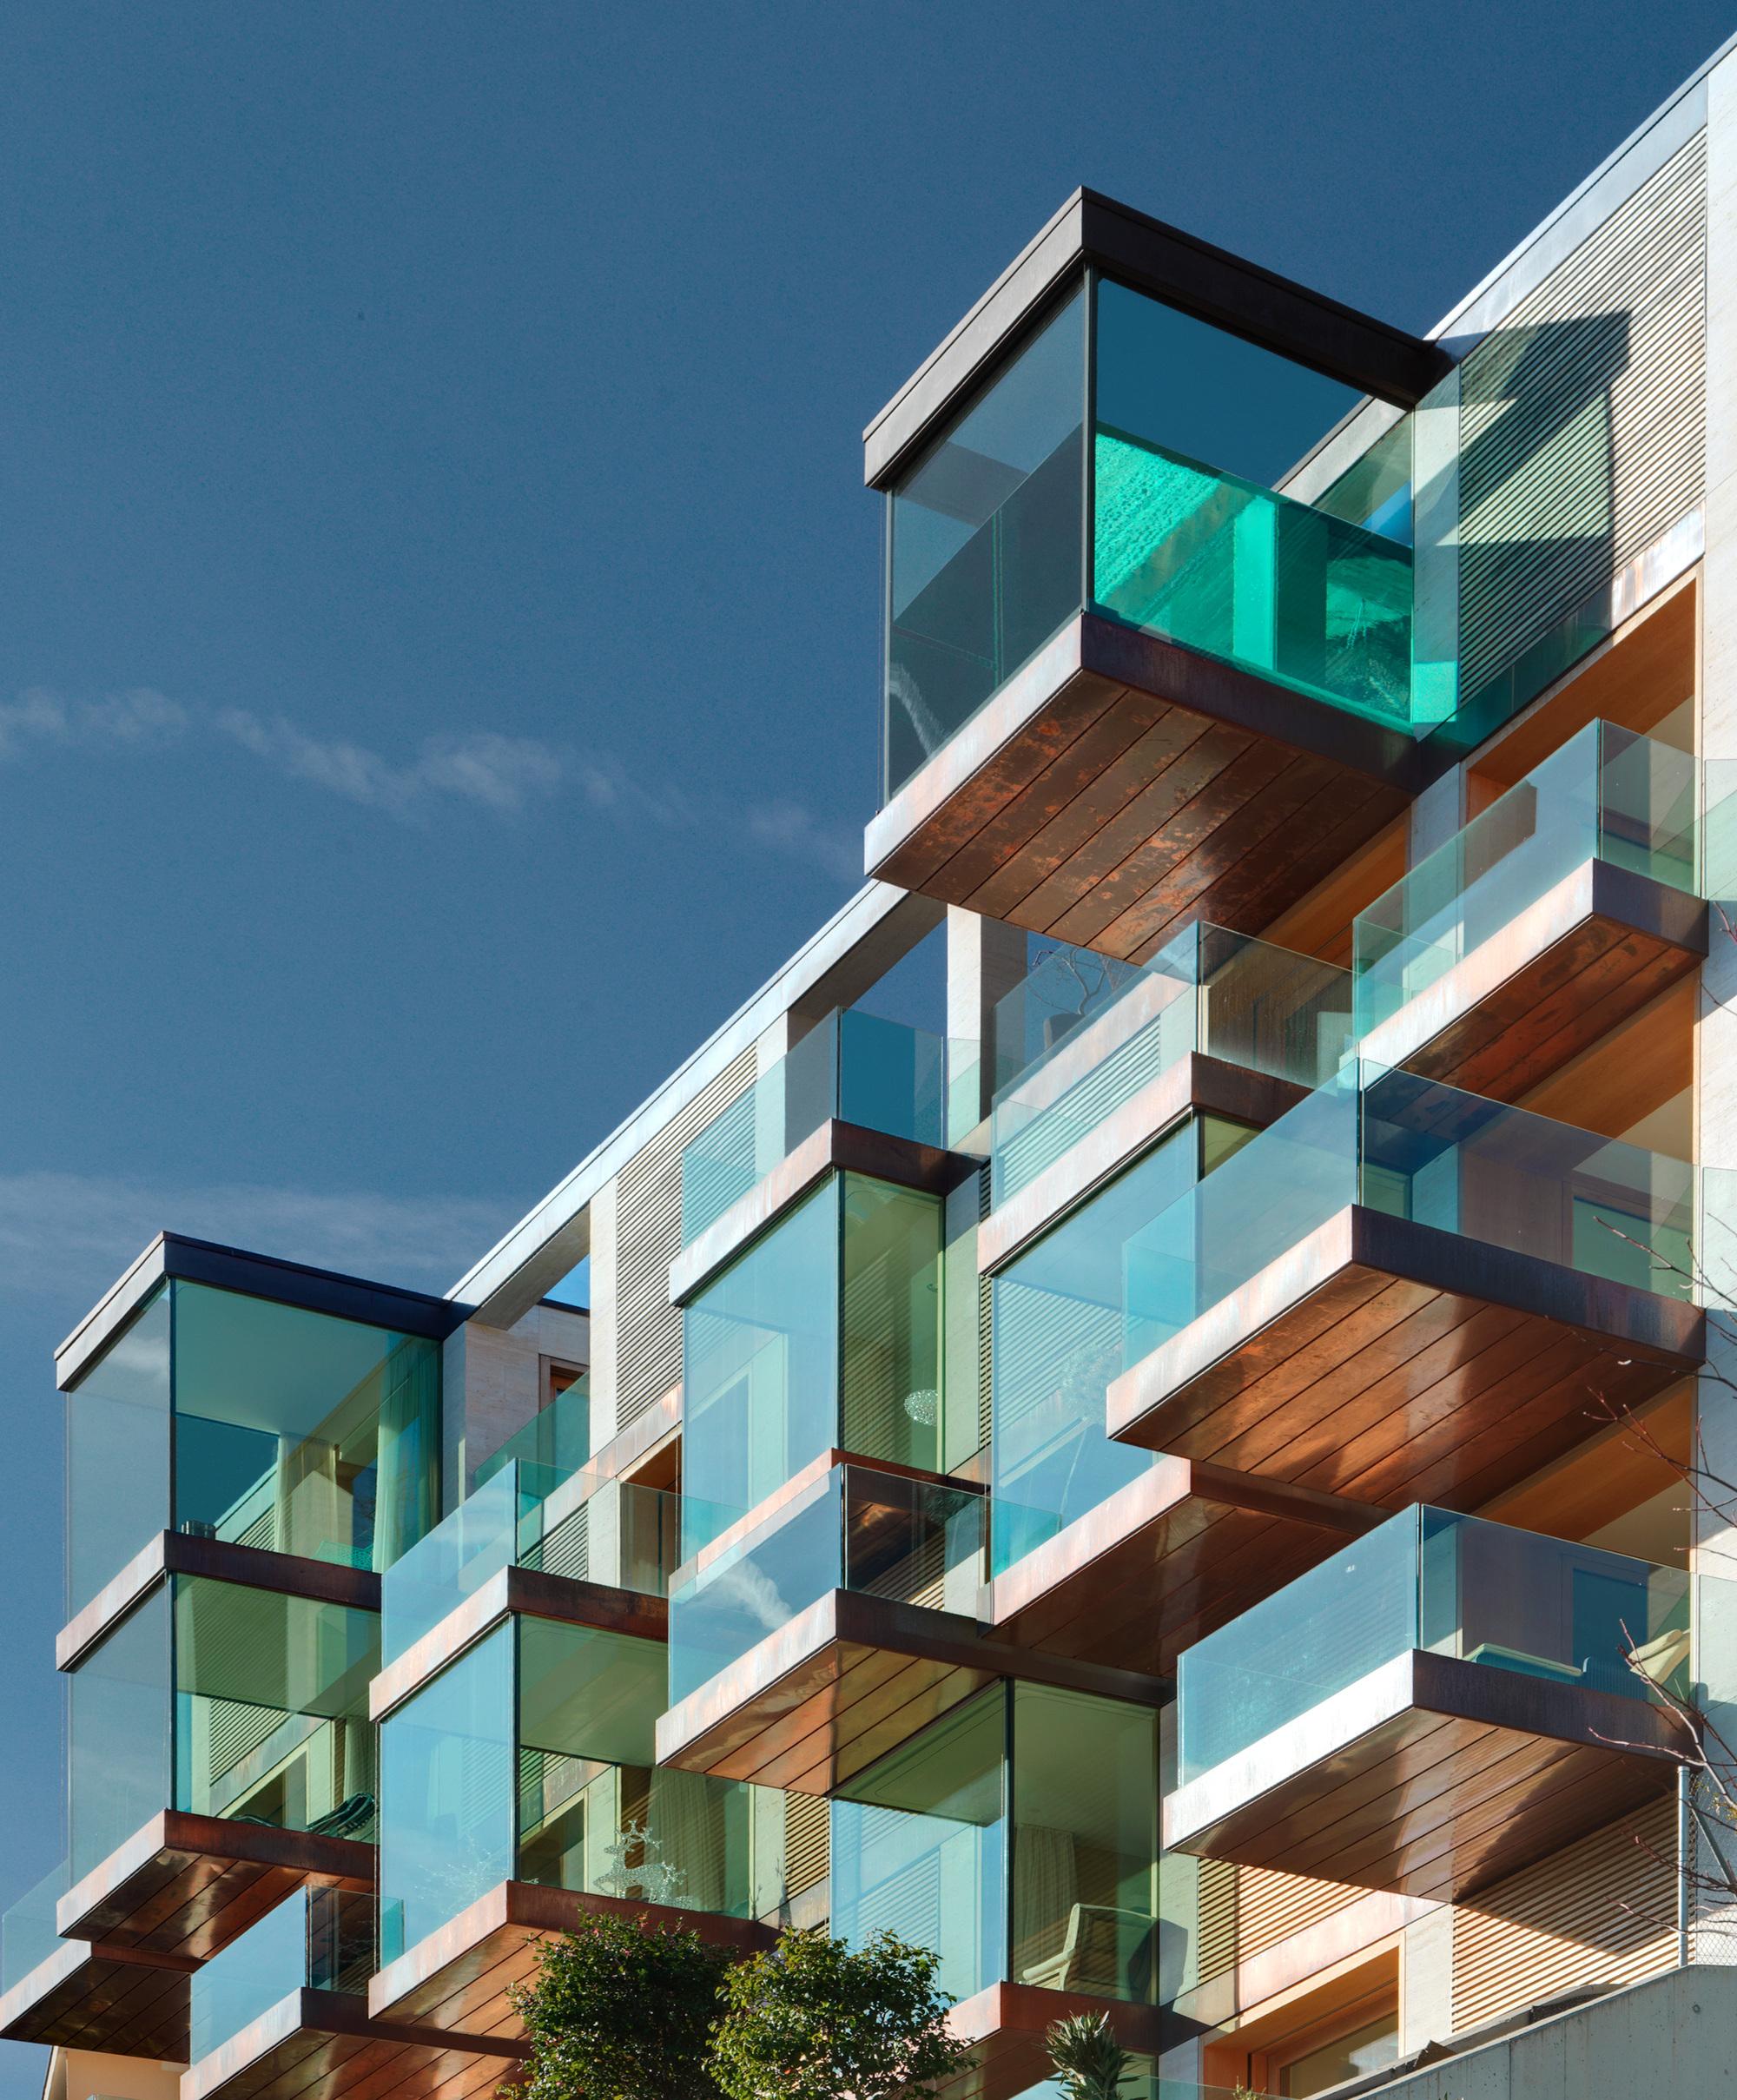 Urbanizaci n de lujo con una fachada hecha de cubos de - Fachada de cristal ...